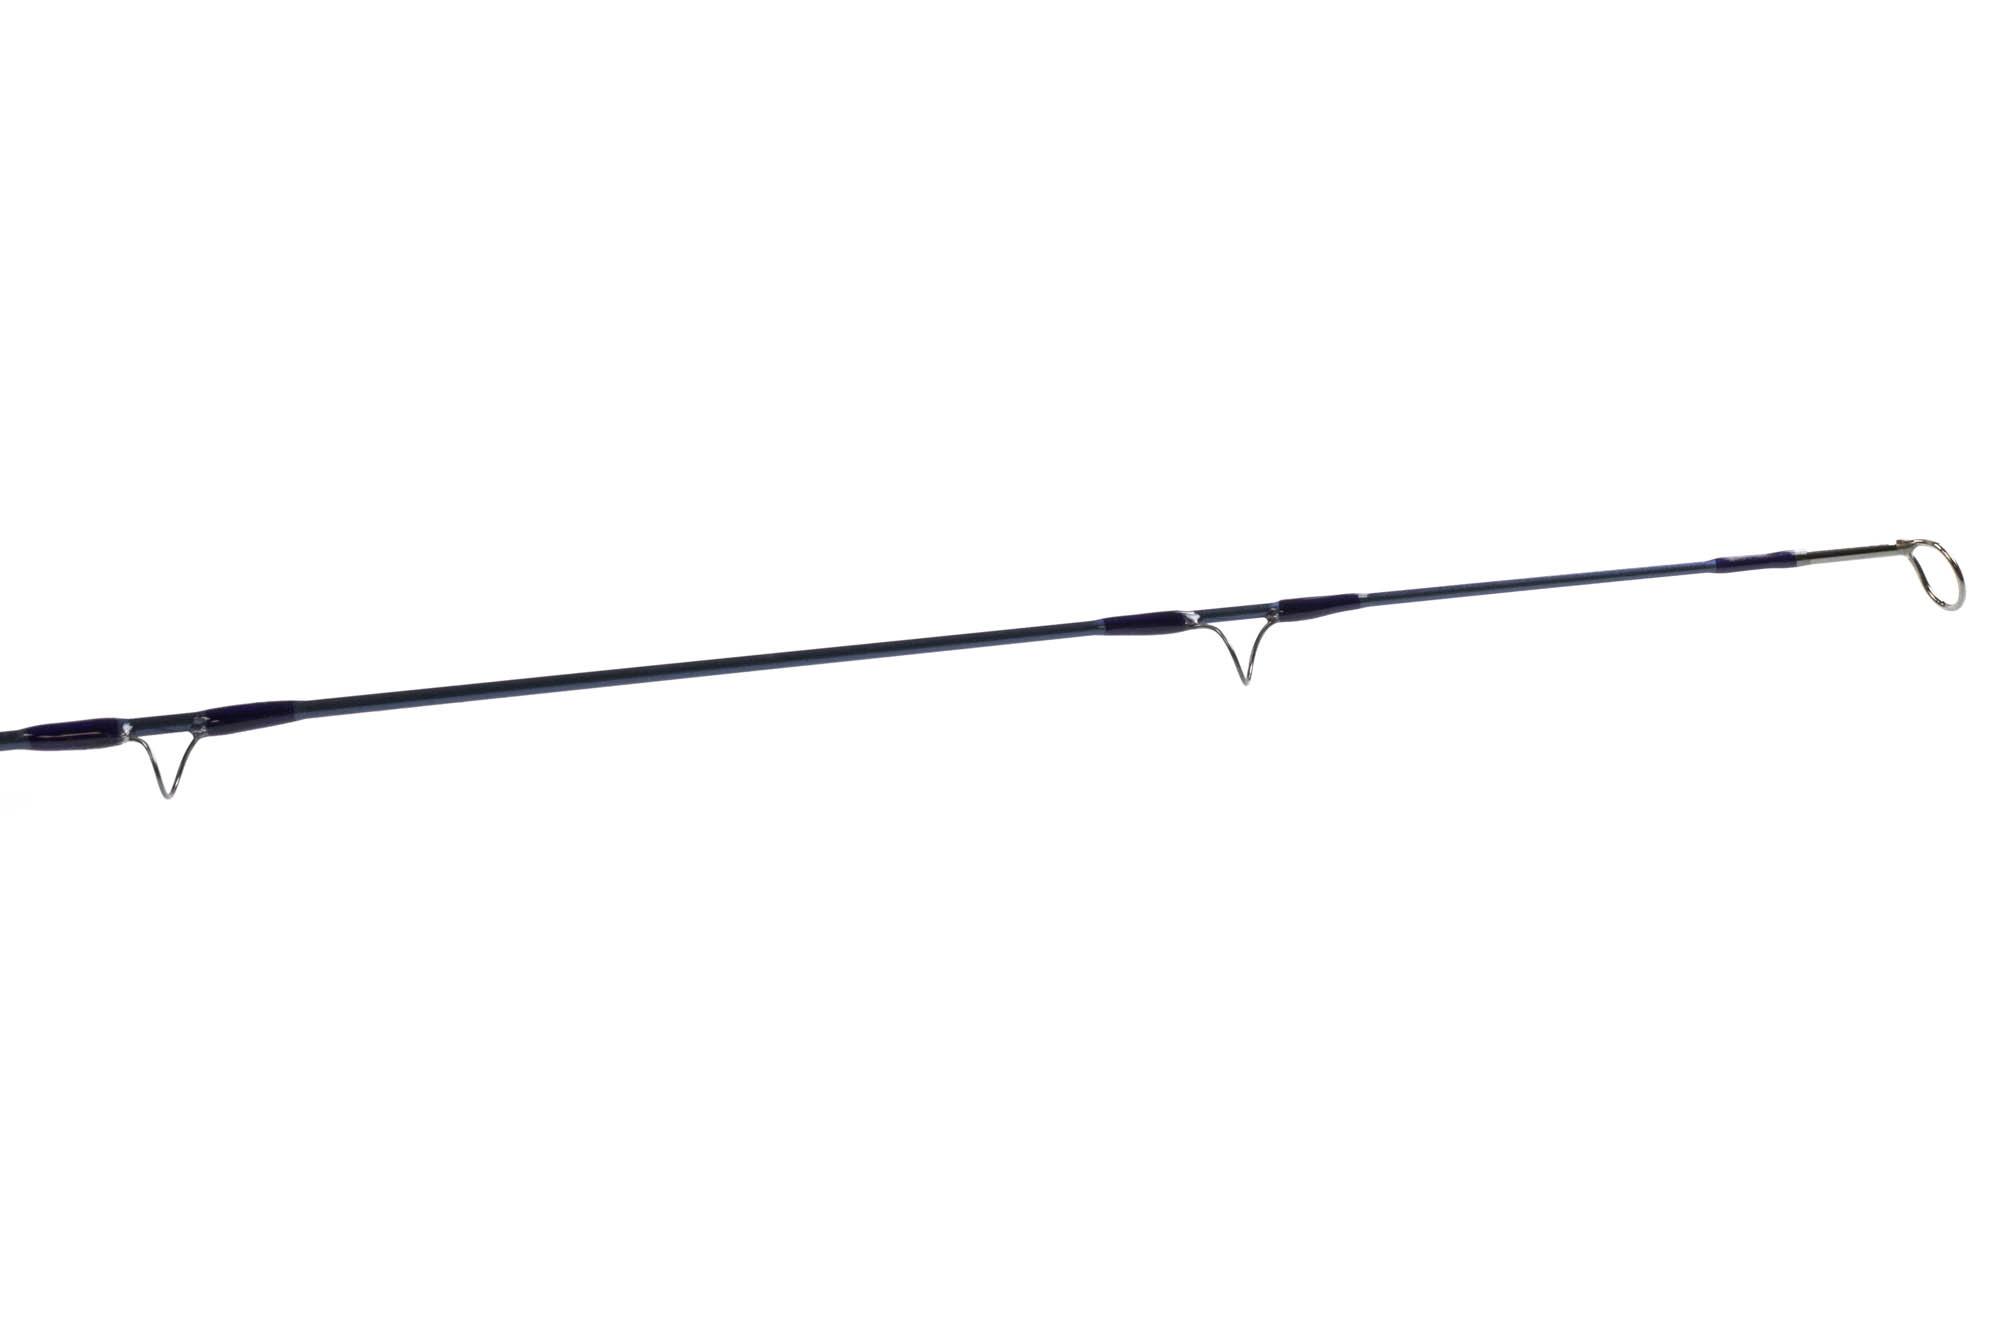 Hardy Zephrus Saltwater SWS One-Piece Fly Rod 600